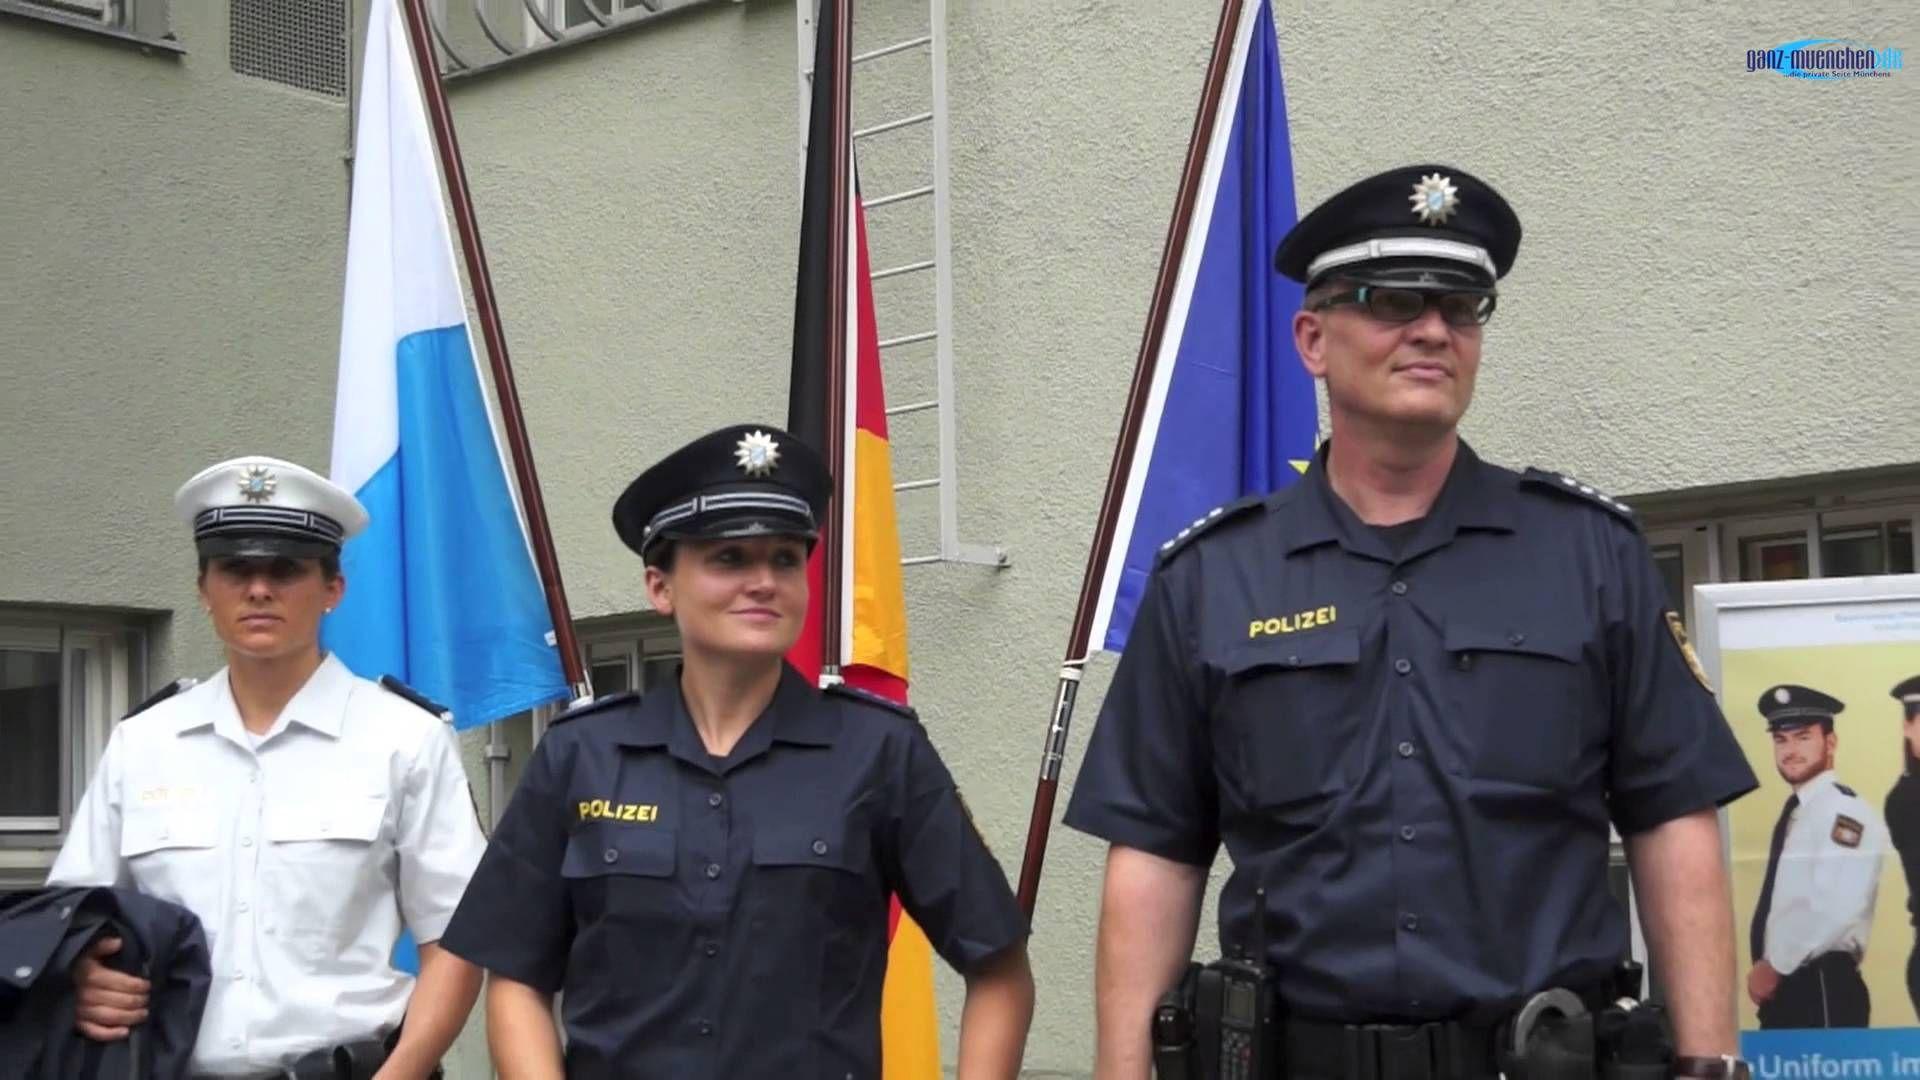 Neue Polizei-Uniformen in Bayern: Beginn des Trageversuchs am 01.08.2014